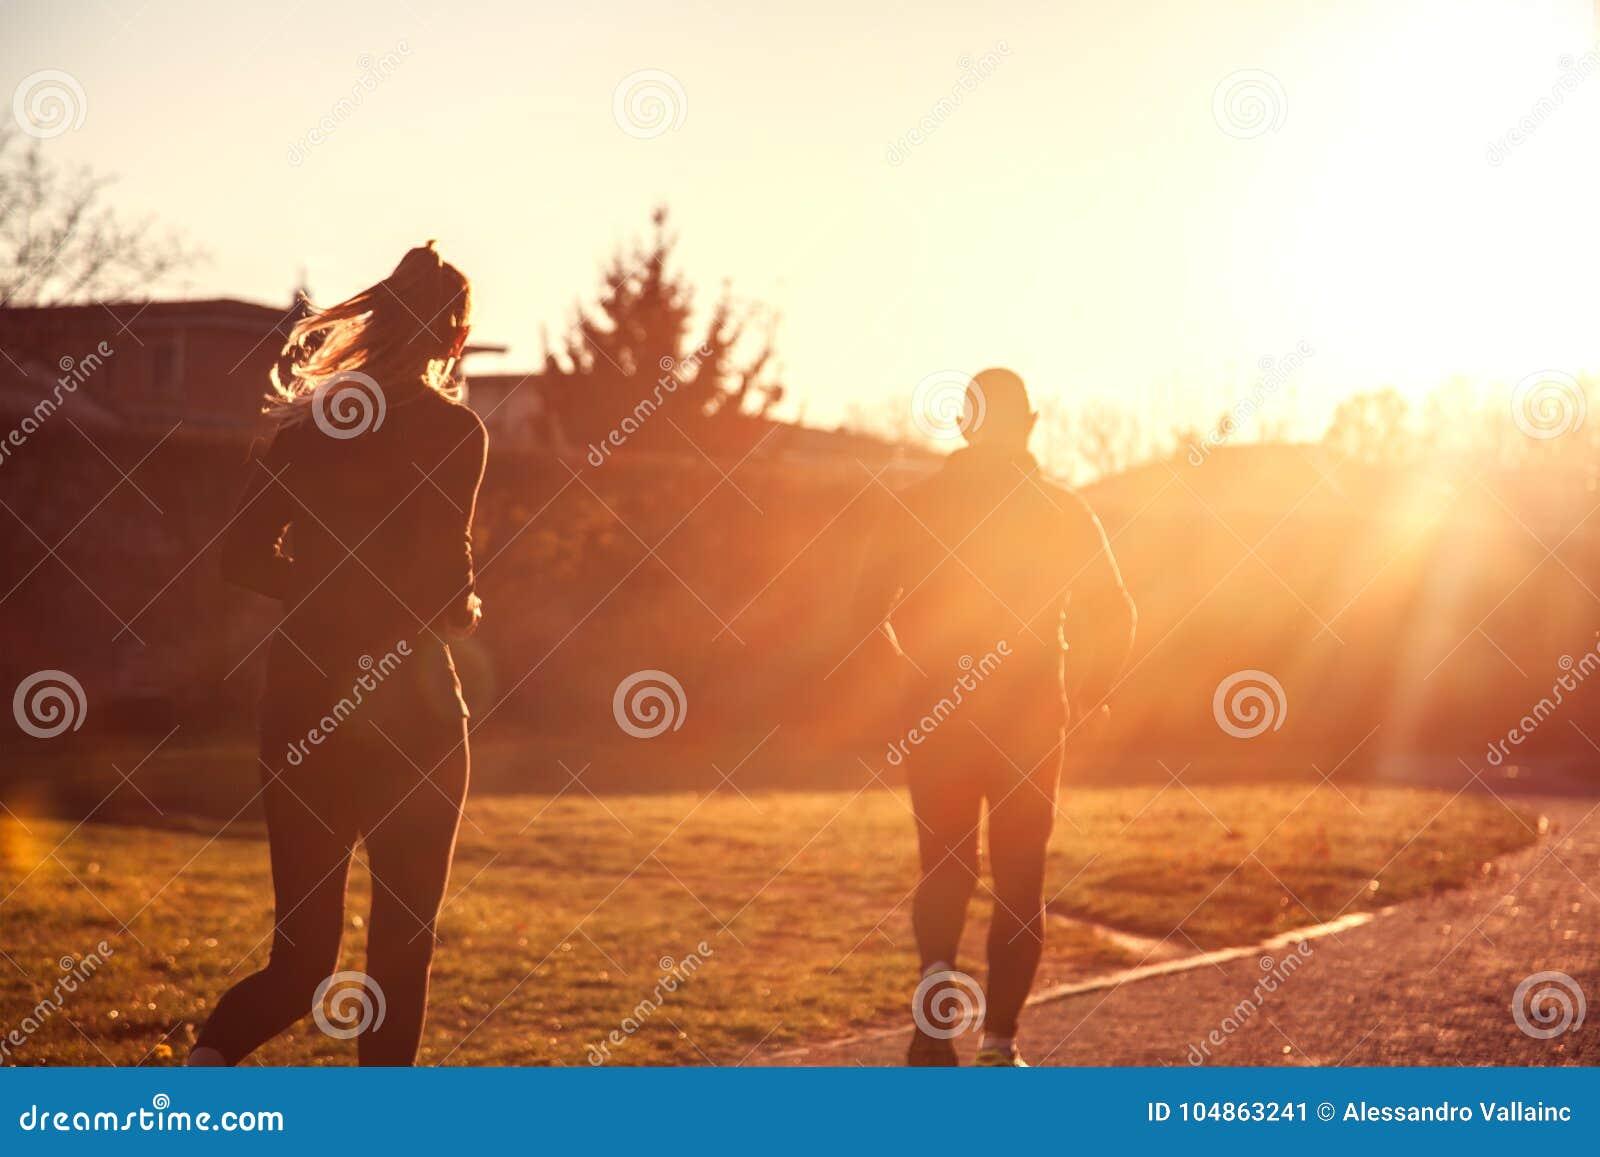 Femme pulsante et homme sportif courant au-dessus du soleil rougeoyant, Spor